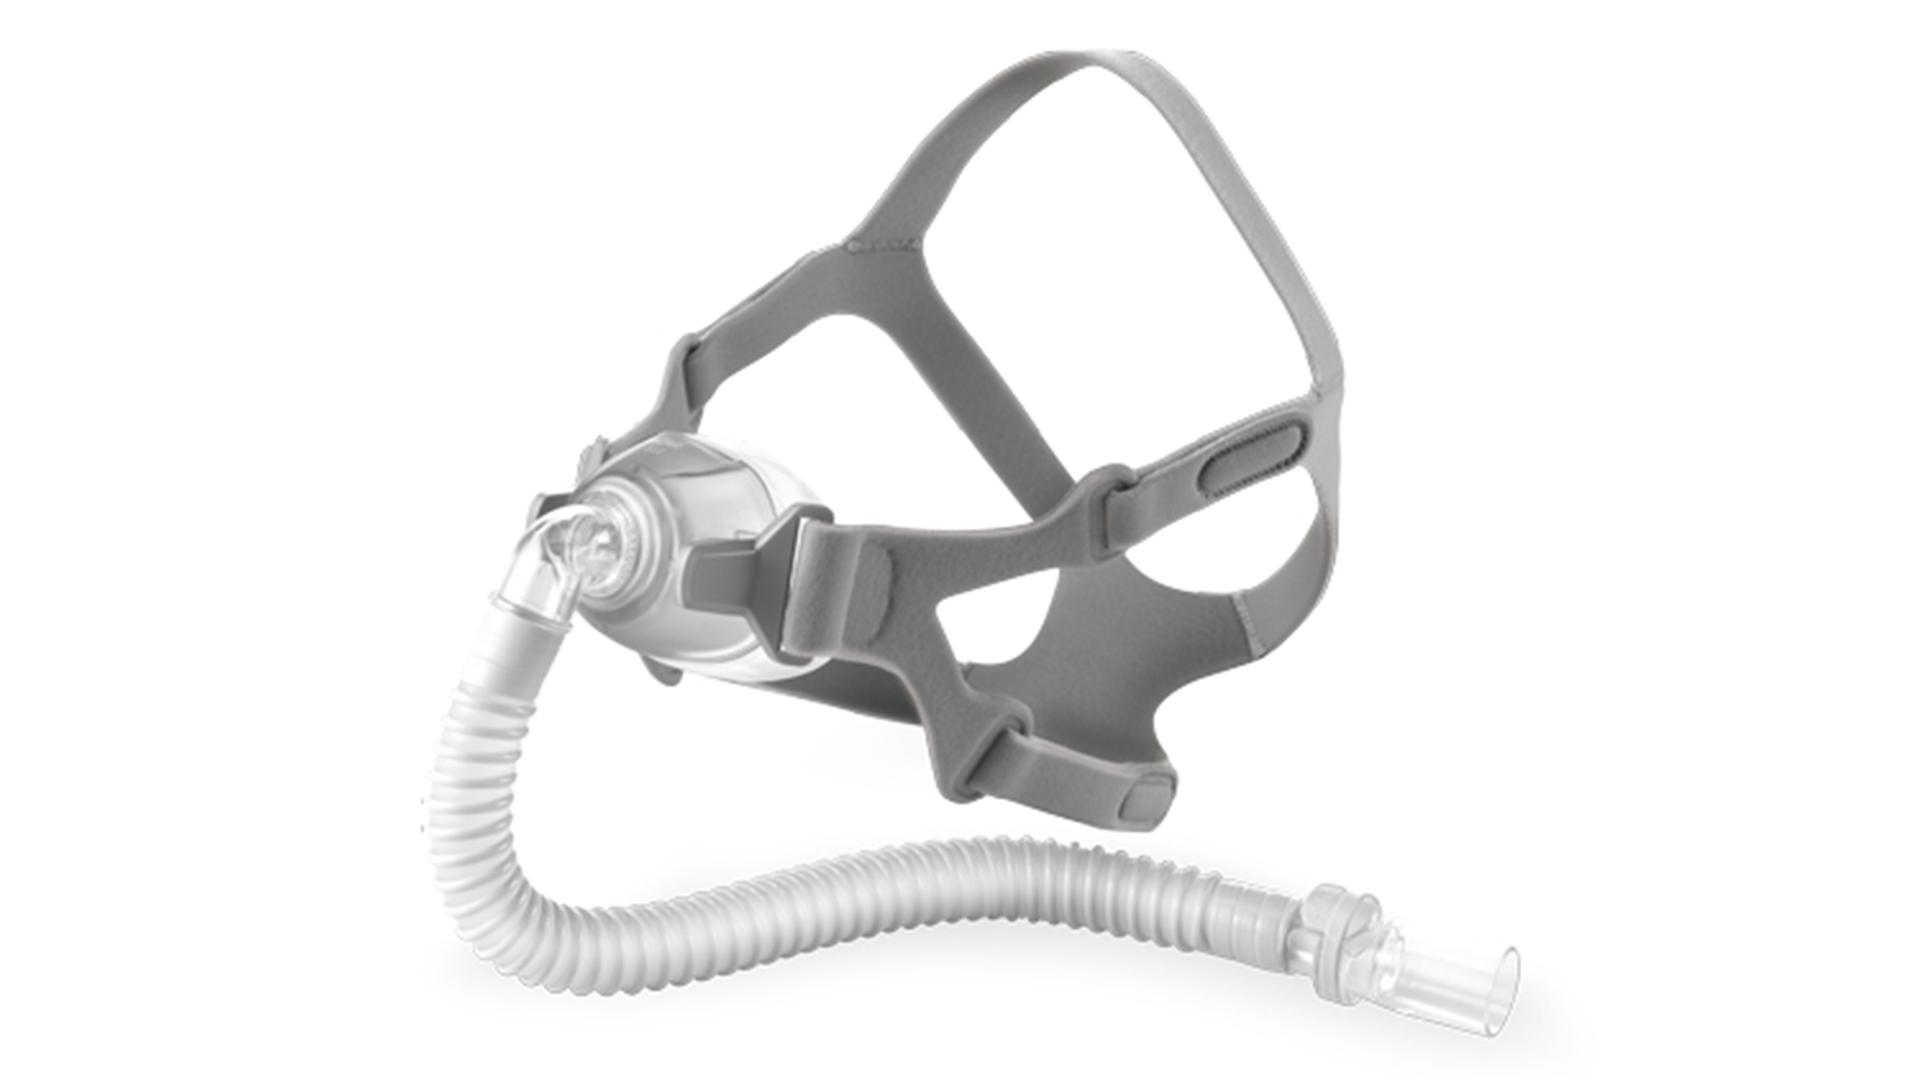 連續陽壓呼吸器面罩 / 雃博股份有限公司